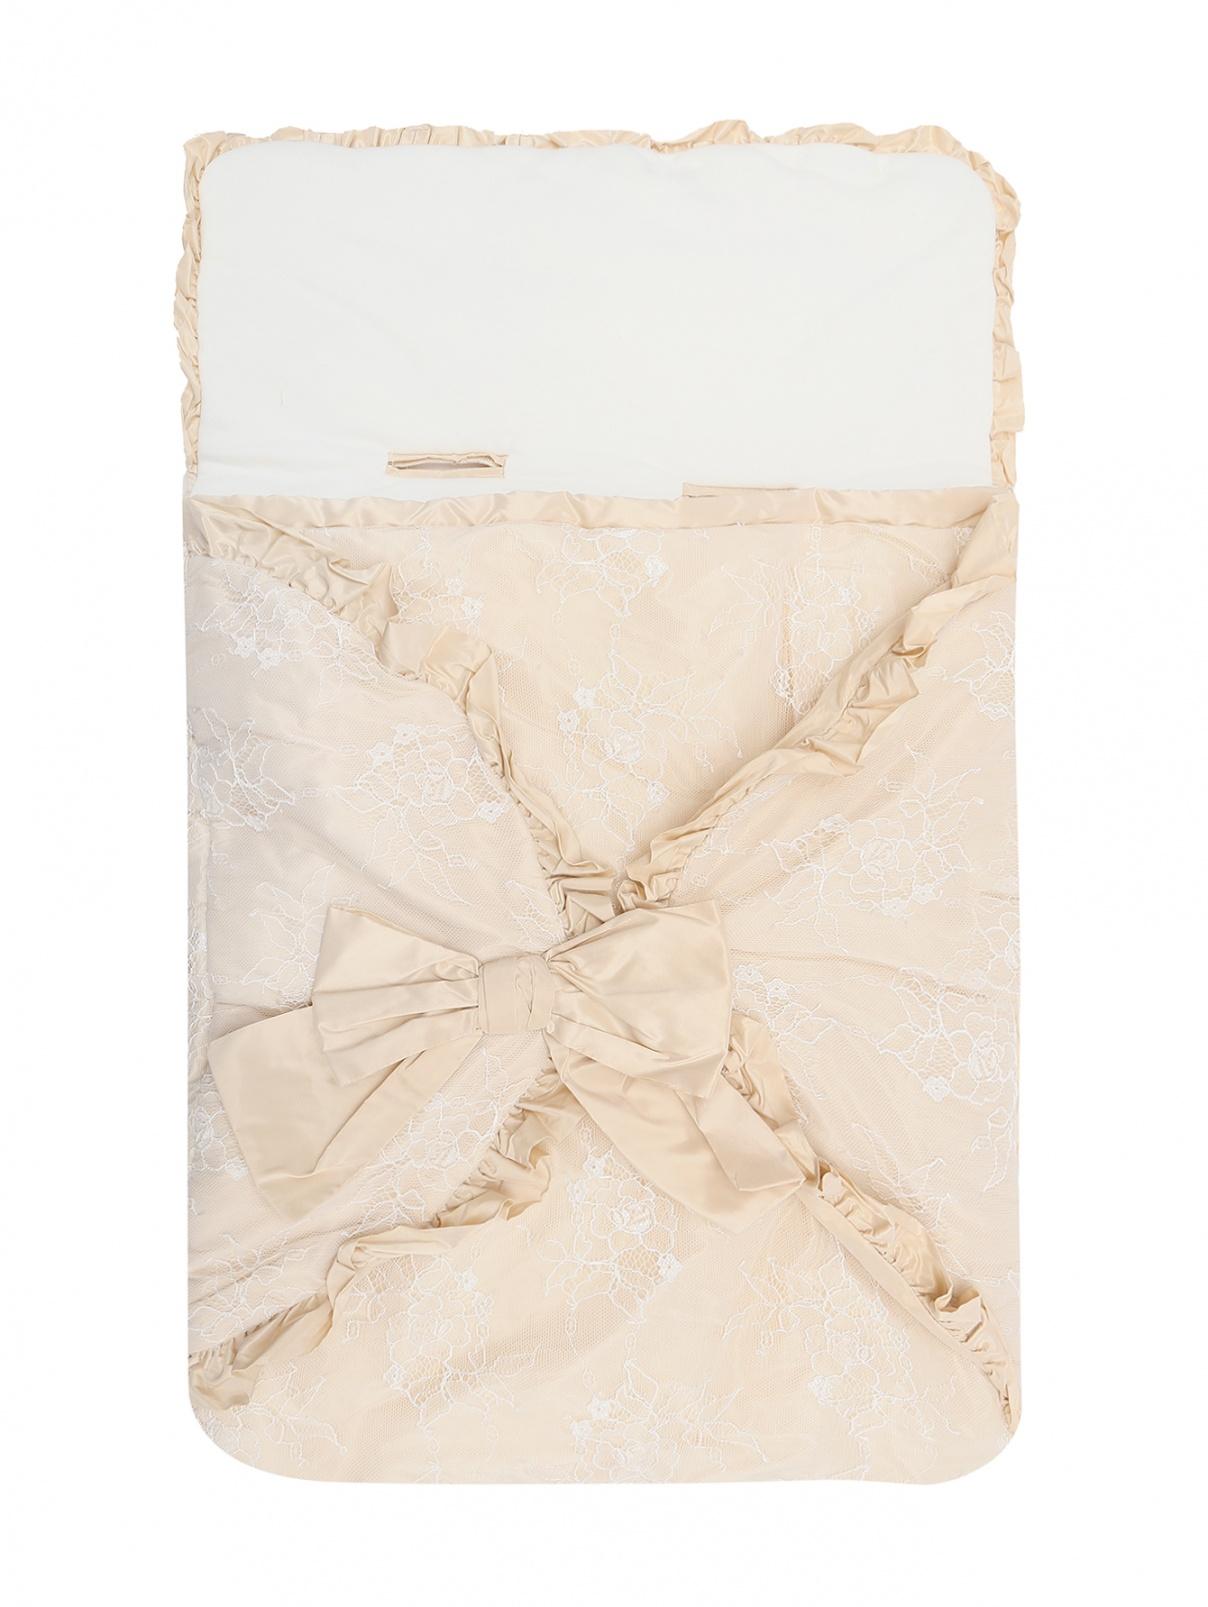 Конверт из хлопка украшенный кружевом и рюшами Aletta  –  Общий вид  – Цвет:  Бежевый